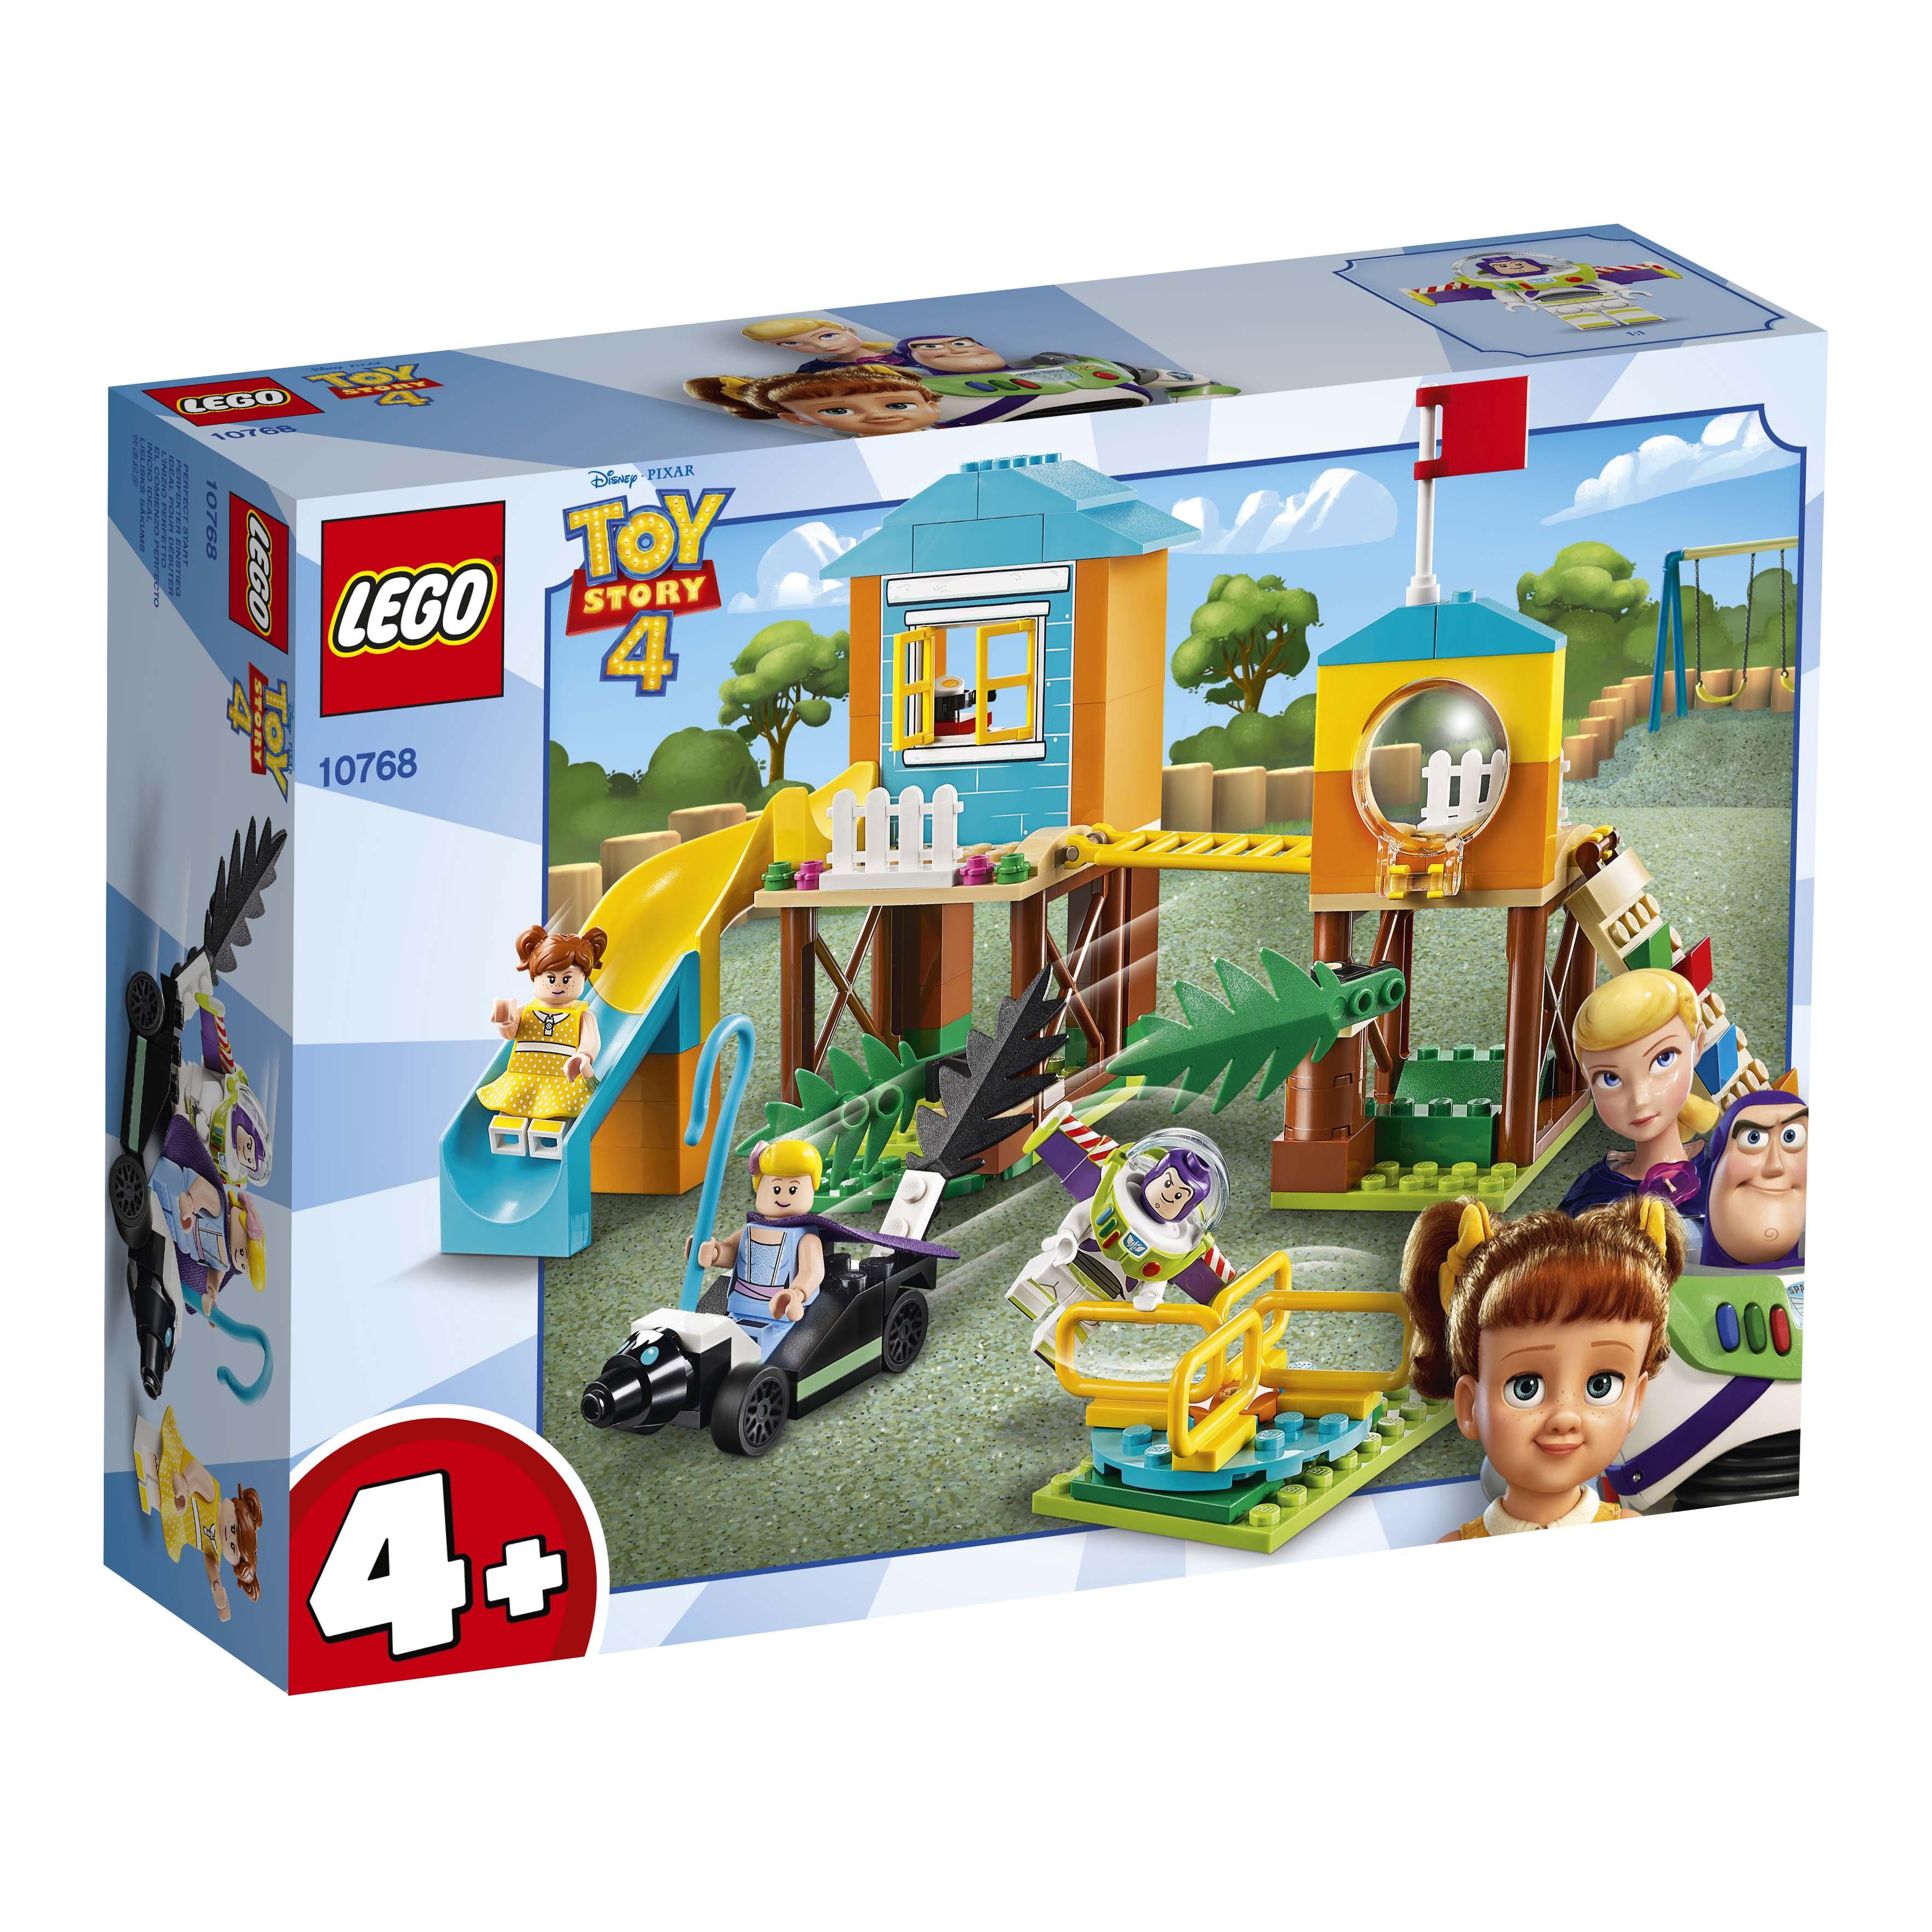 Afbeelding van LEGO 4+ 10768 Speeltuinavontuur van Buzz en Bo Peep